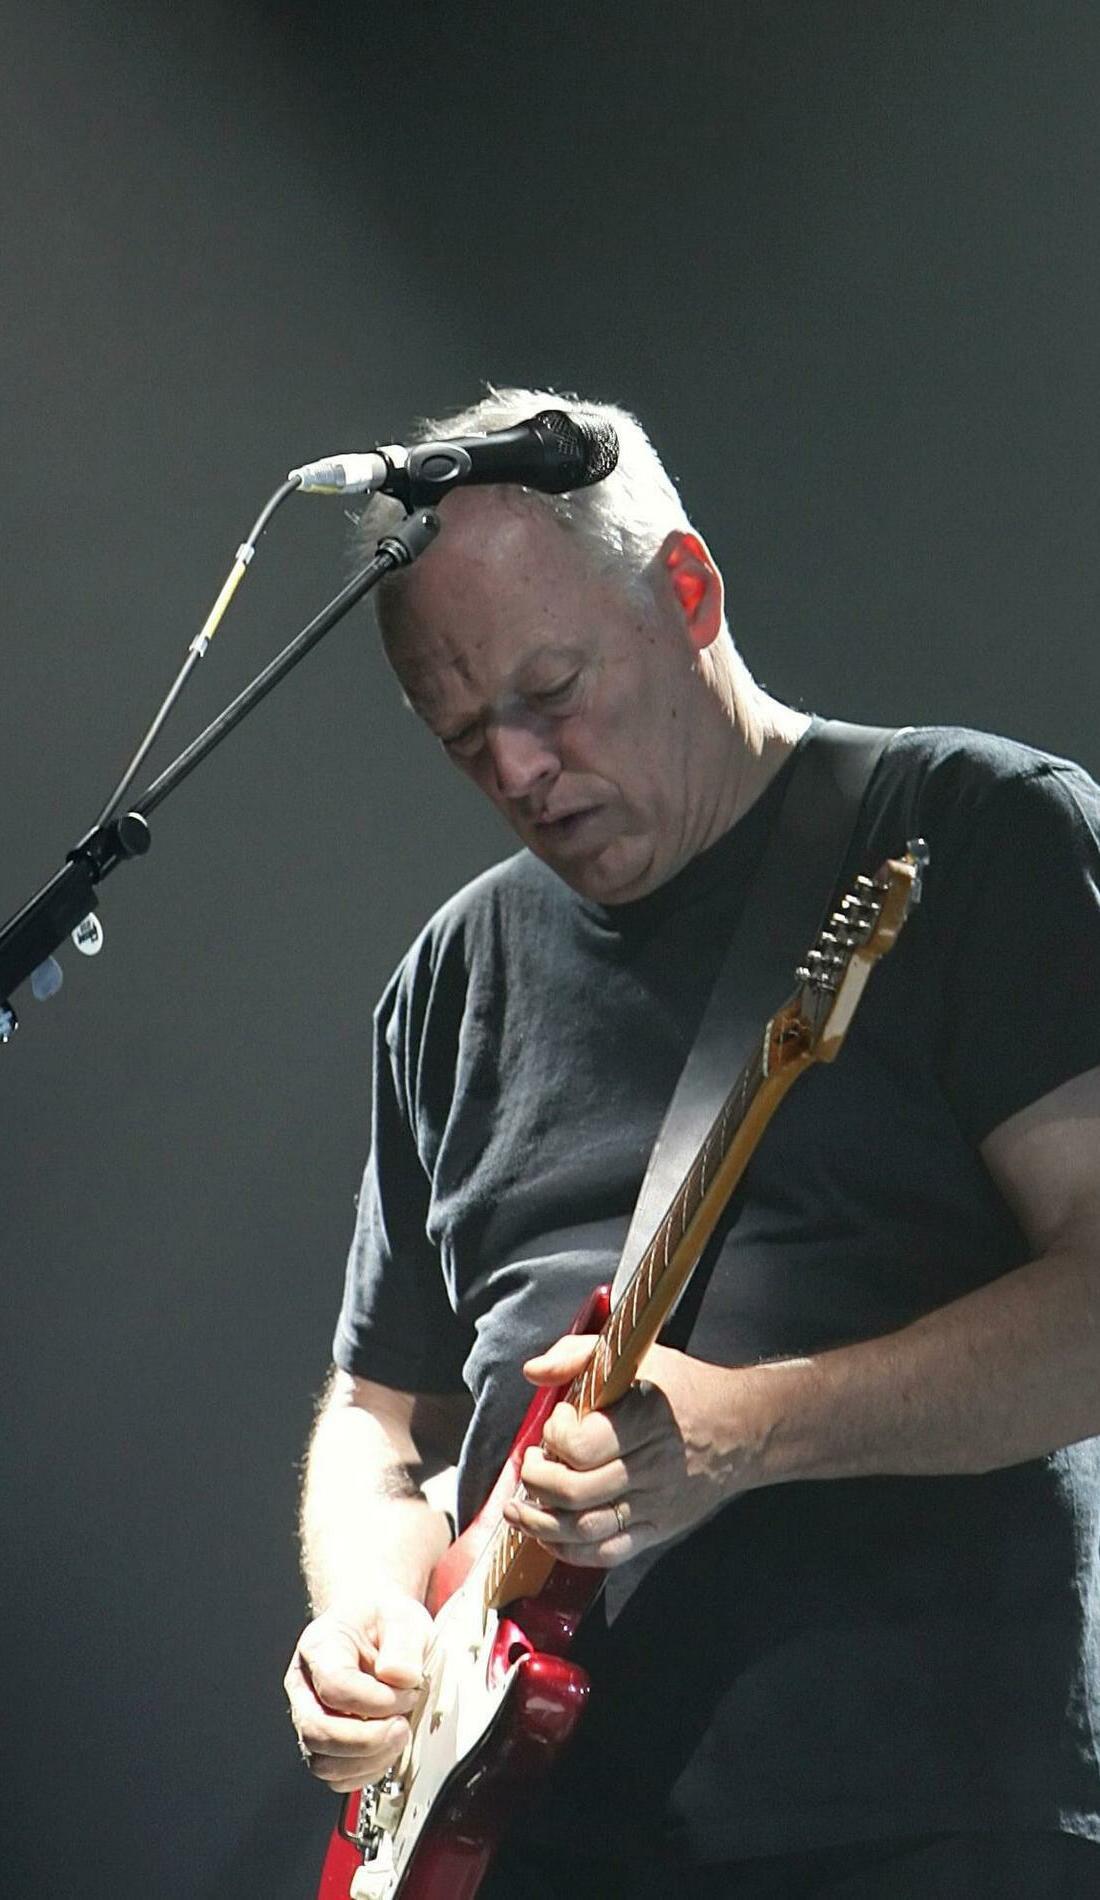 A David Gilmour live event